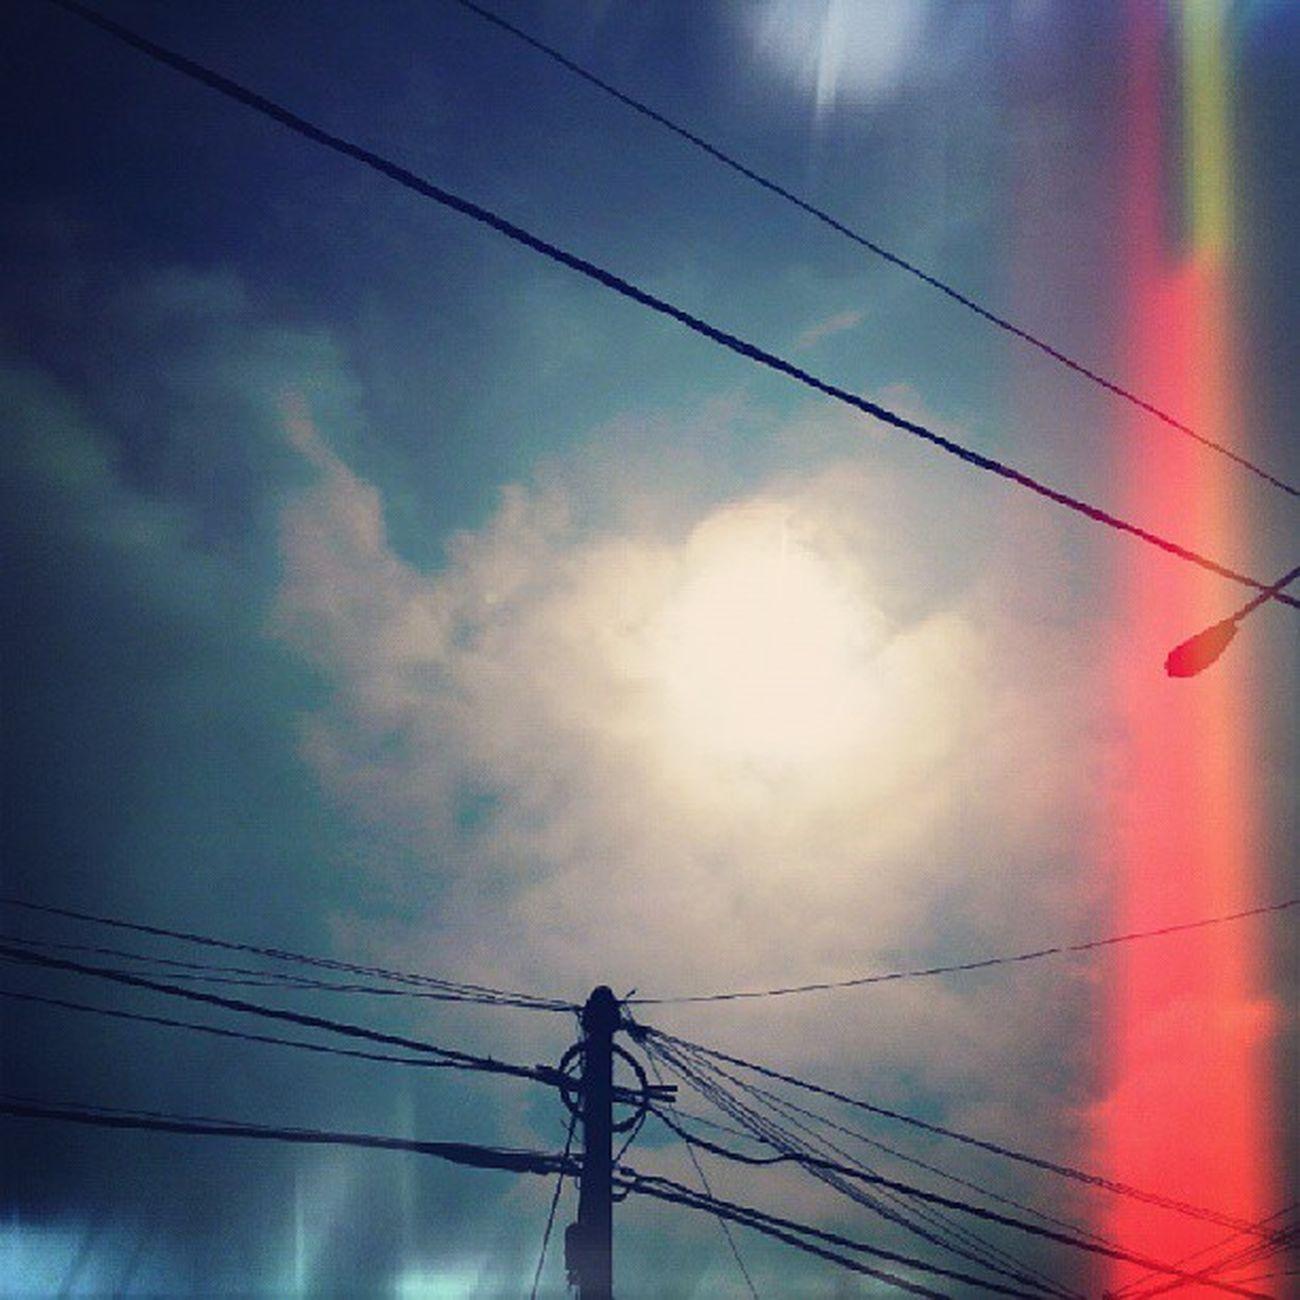 Que tal sol Sky Blue Cielo Nubes igersperu streetphotoperu editsperu lima peru